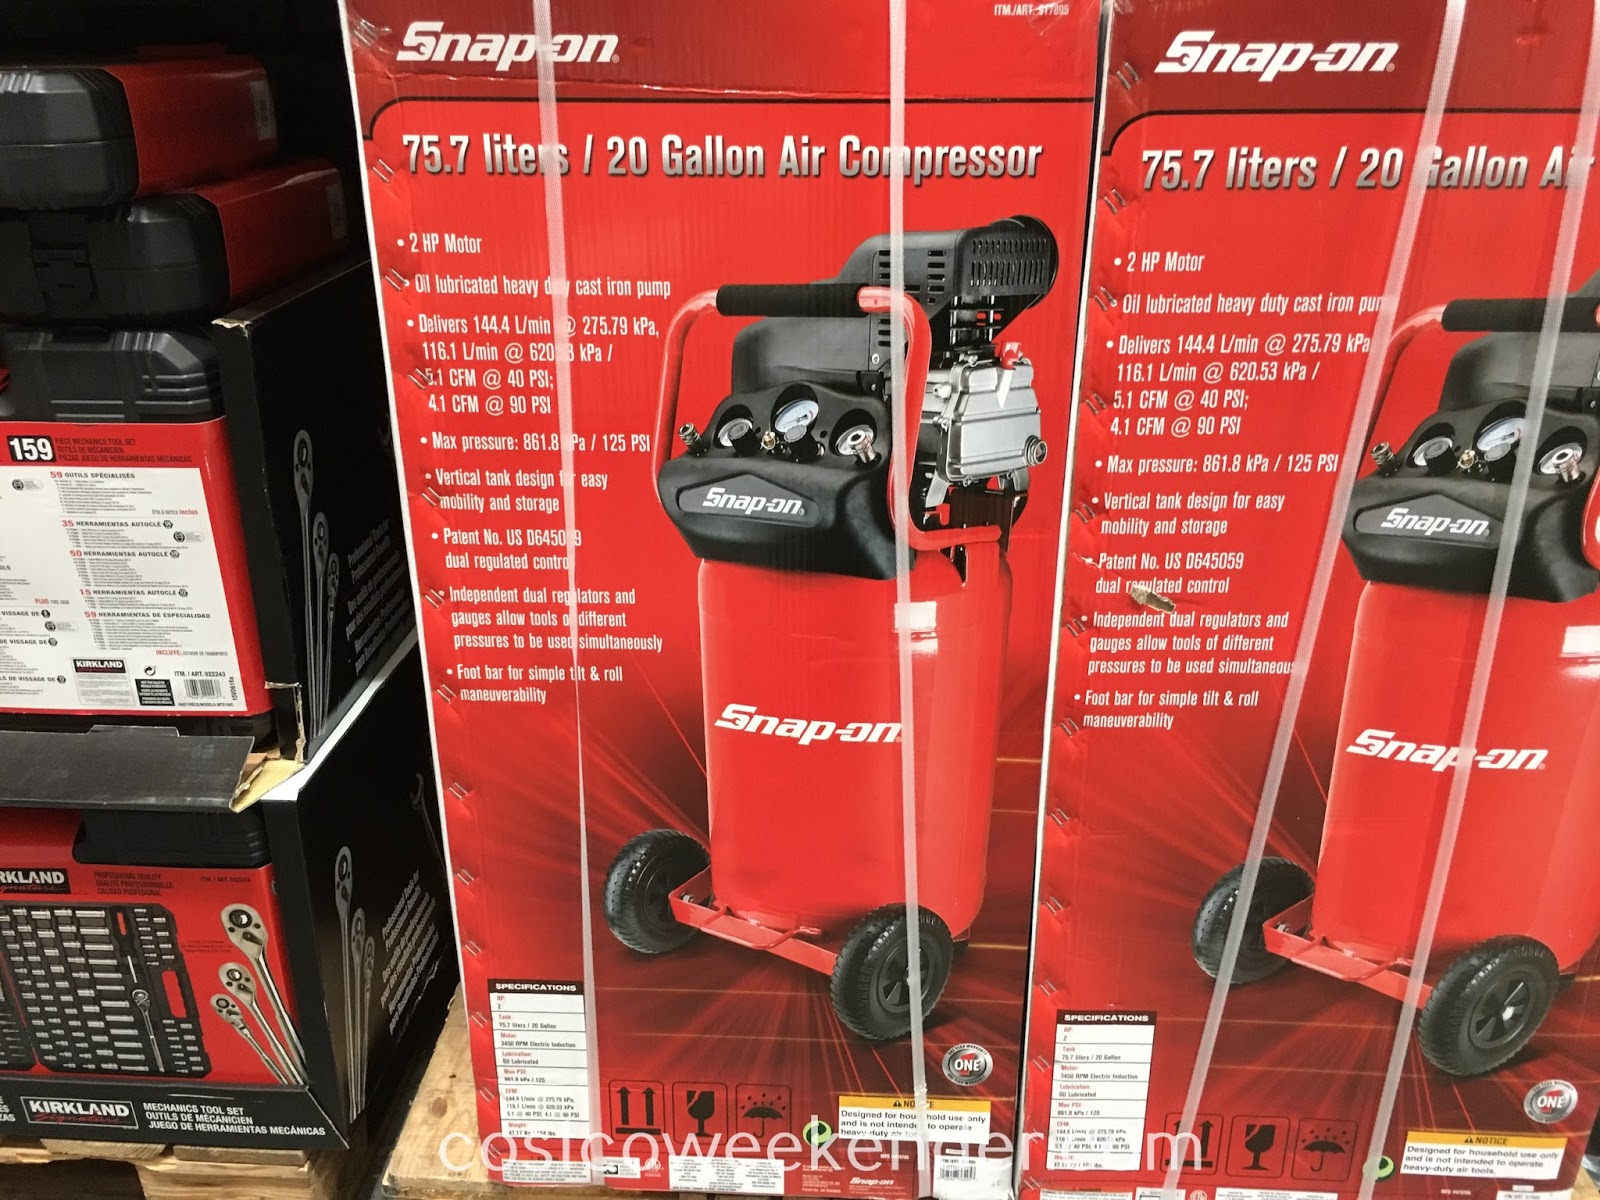 Costco Auto Repair >> Snap-On 20 Gallon Air Compressor | Costco Weekender